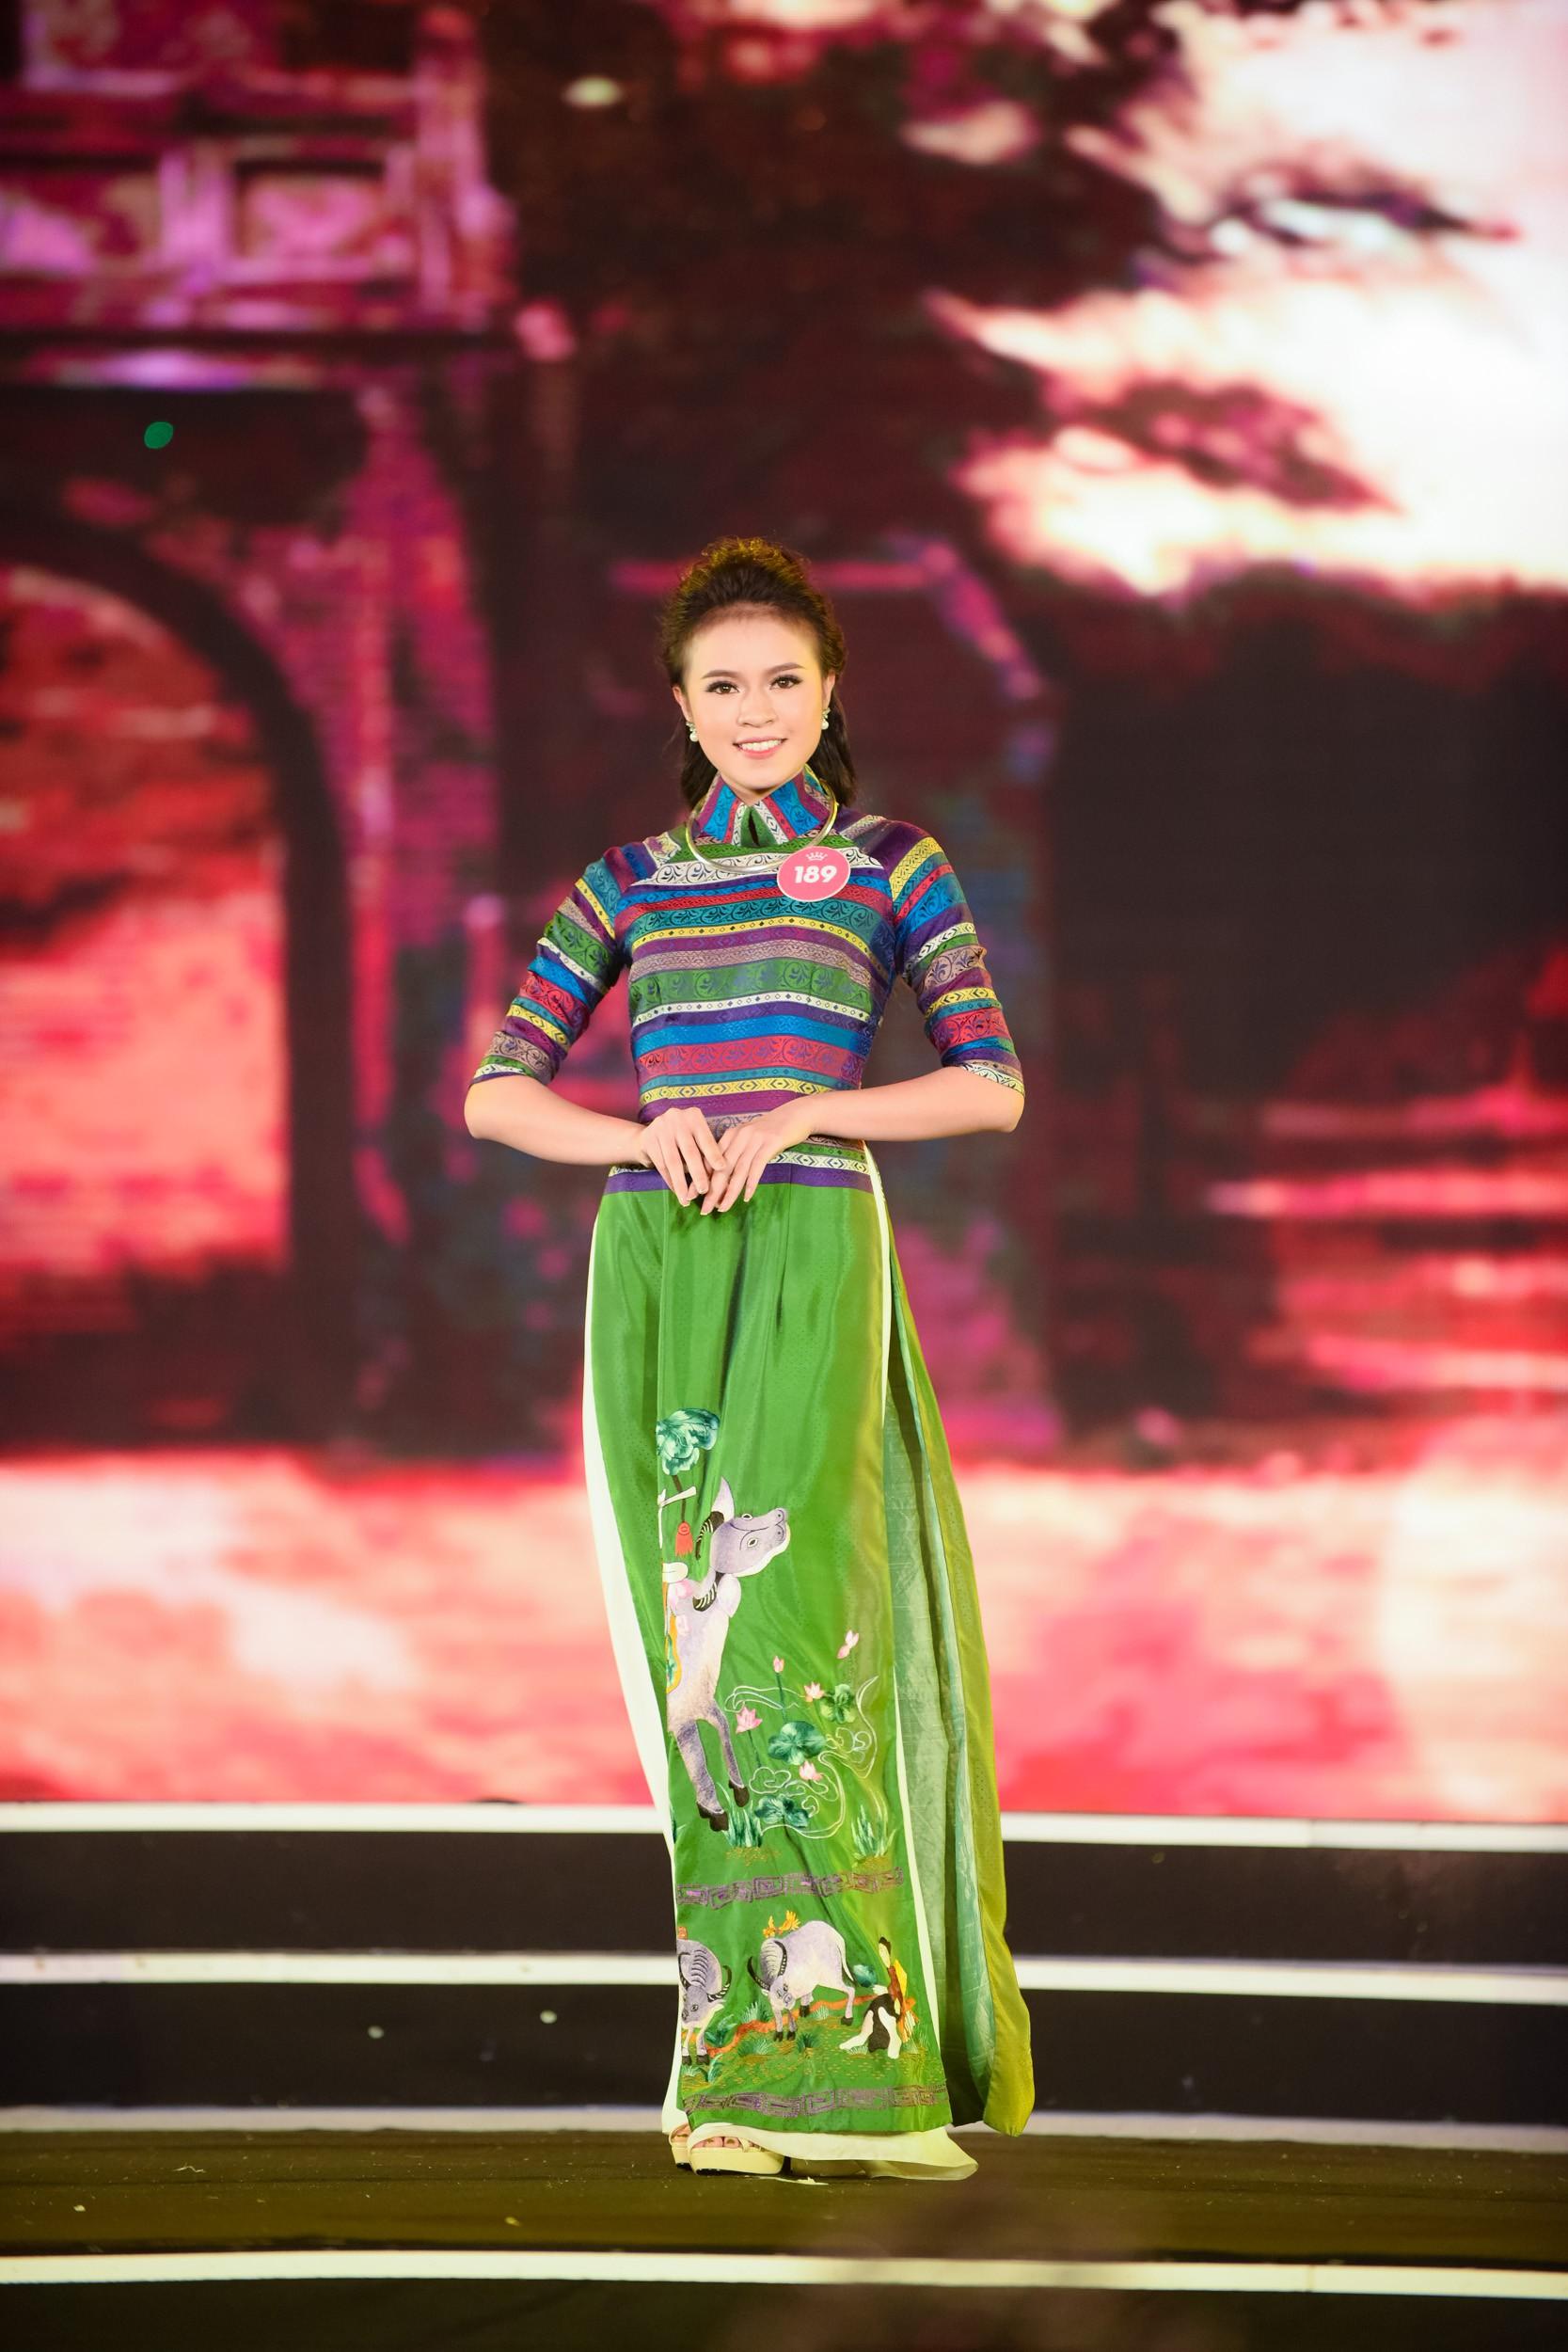 Cập nhật: 38 người đẹp phía Bắc của Hoa hậu Việt Nam tự tin trình diễn bikini, khoe hình thể nóng bỏng - Ảnh 4.